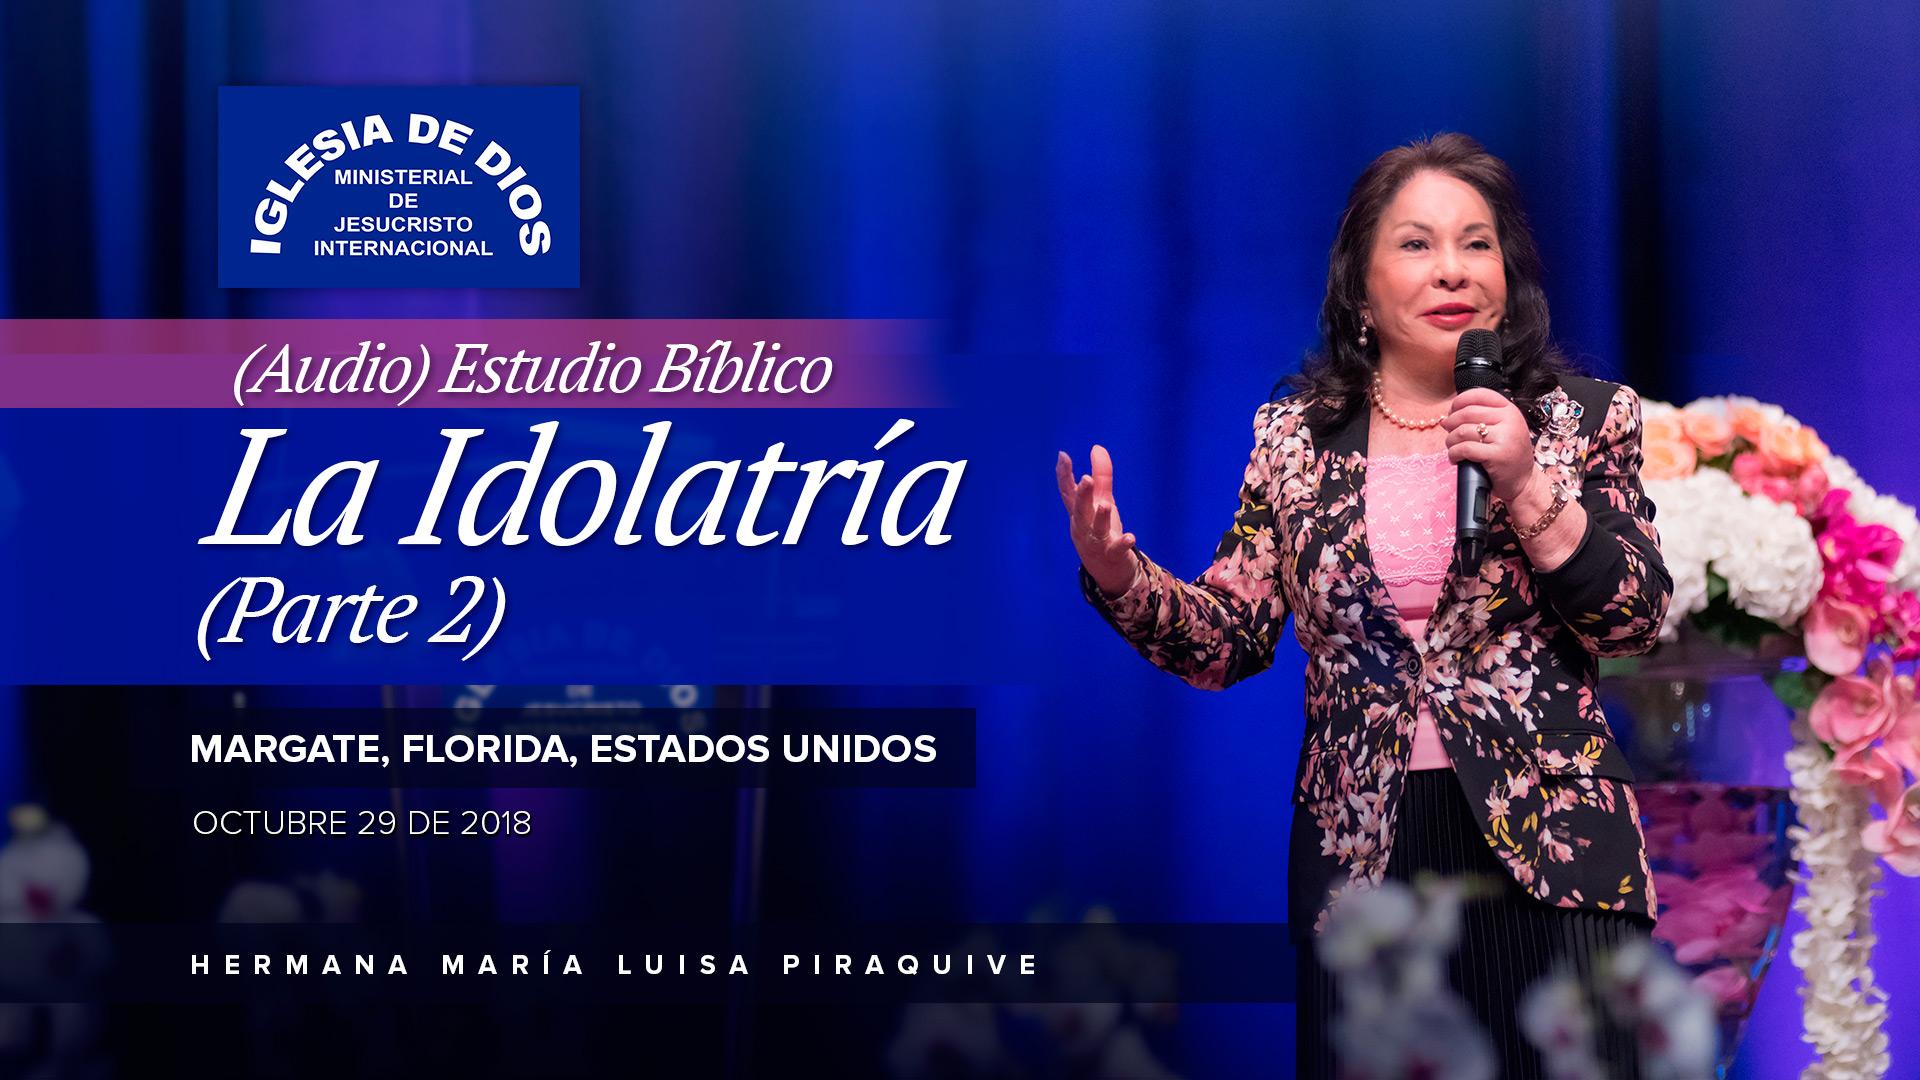 Audio: Estudio Bíblico, La Idolatría (Parte 2) – Margate, Florida USA – 29 Oct 2018